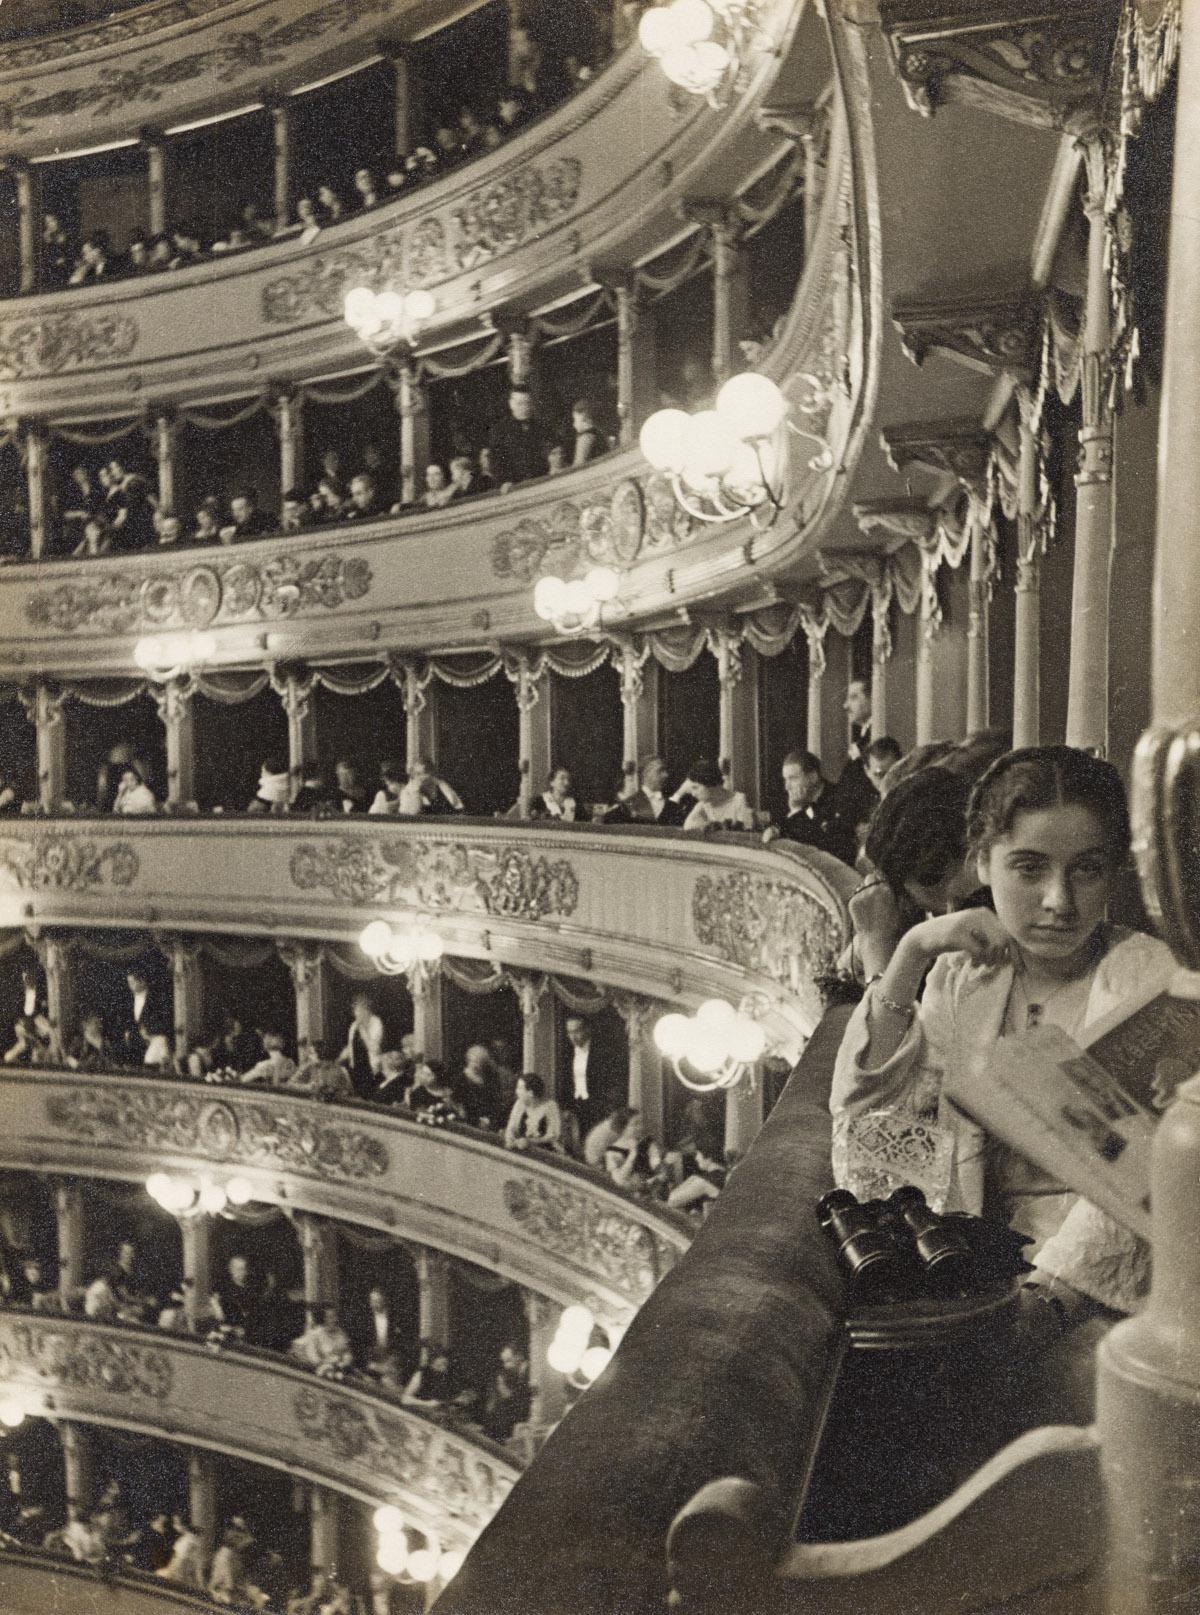 ALFRED EISENSTAEDT (1898-1995) Premiere at La Scala, Milan.